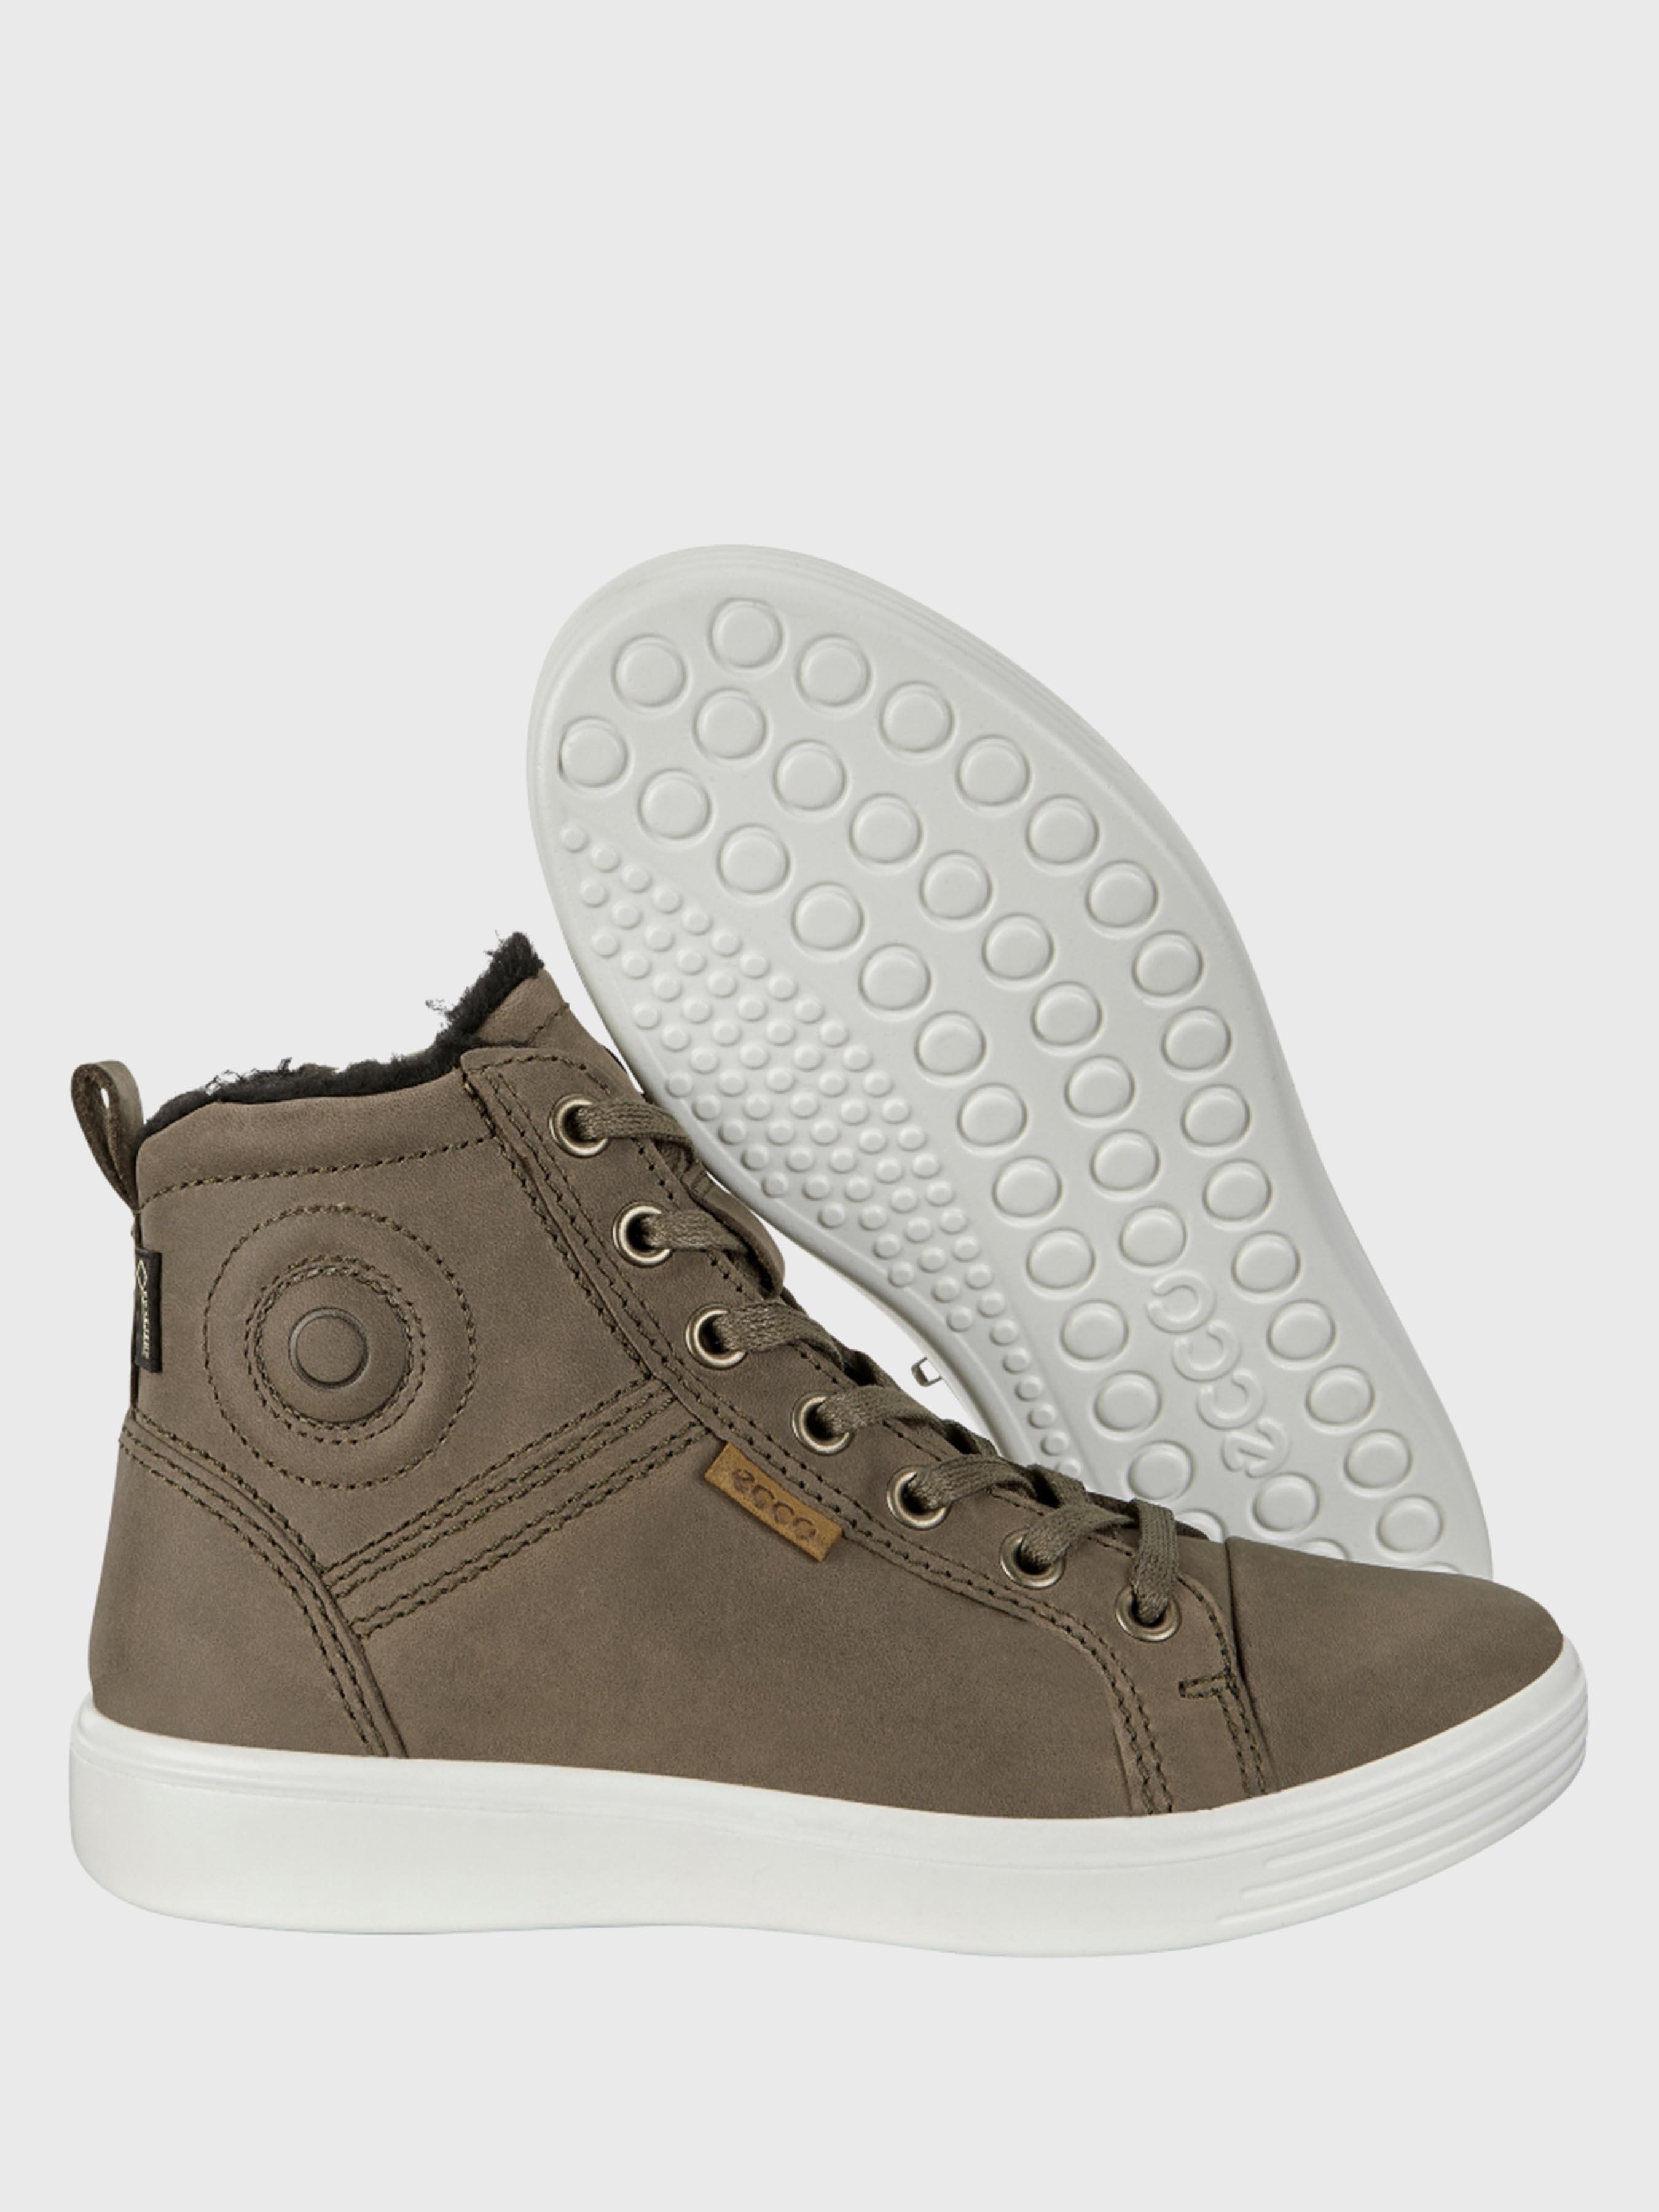 Купить Ботинки детские ECCO S7 TEEN ZK3301, Серый